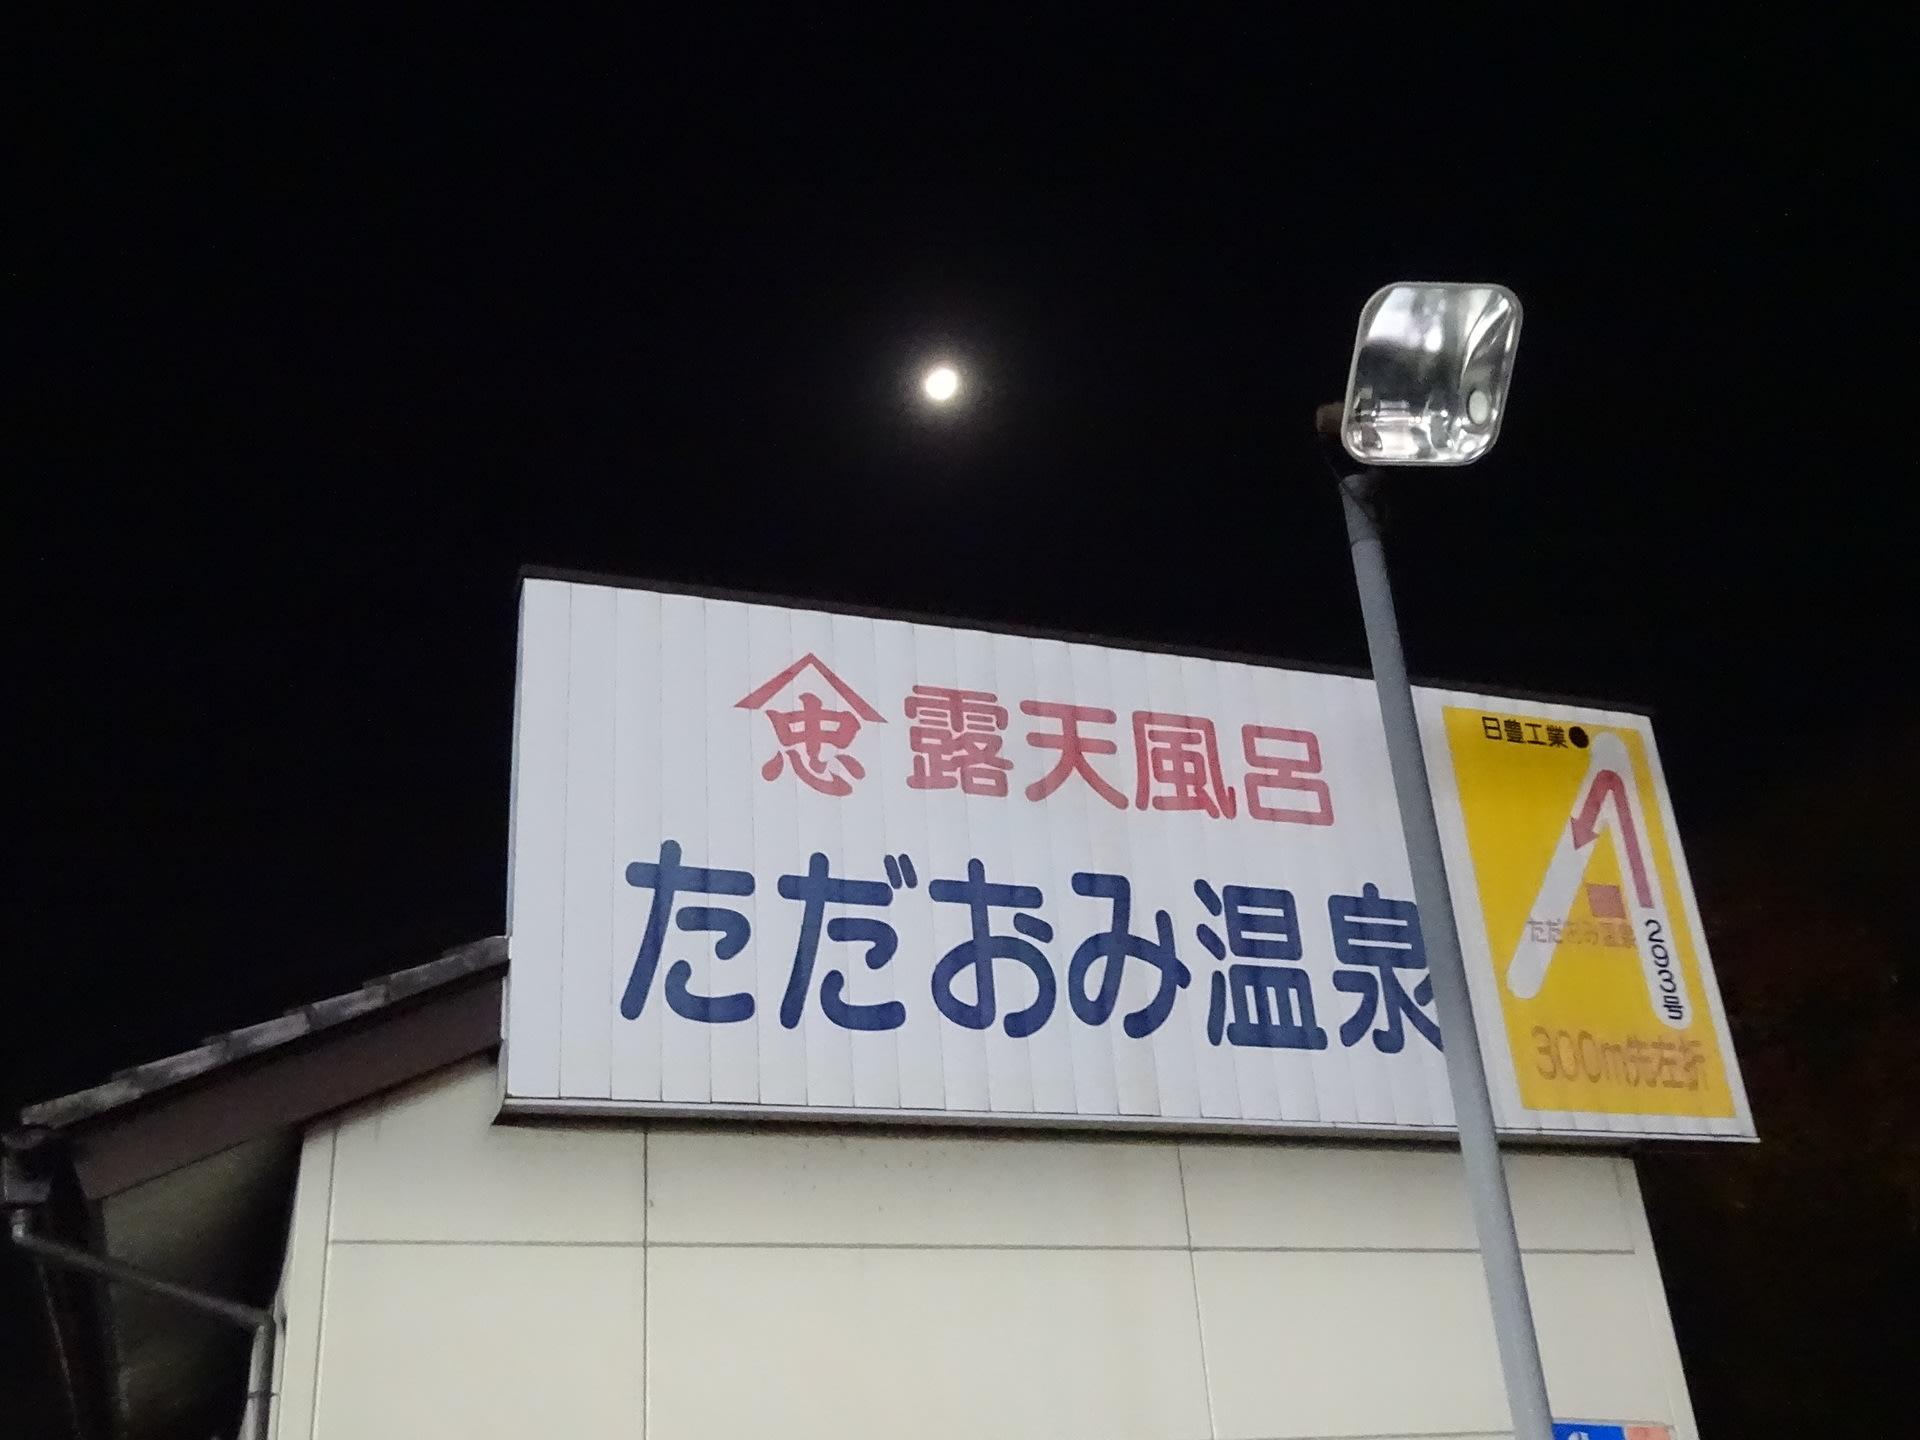 道の駅 うつのみや ろまんちっく村 に車中泊(宇都宮市)2015-24 ...